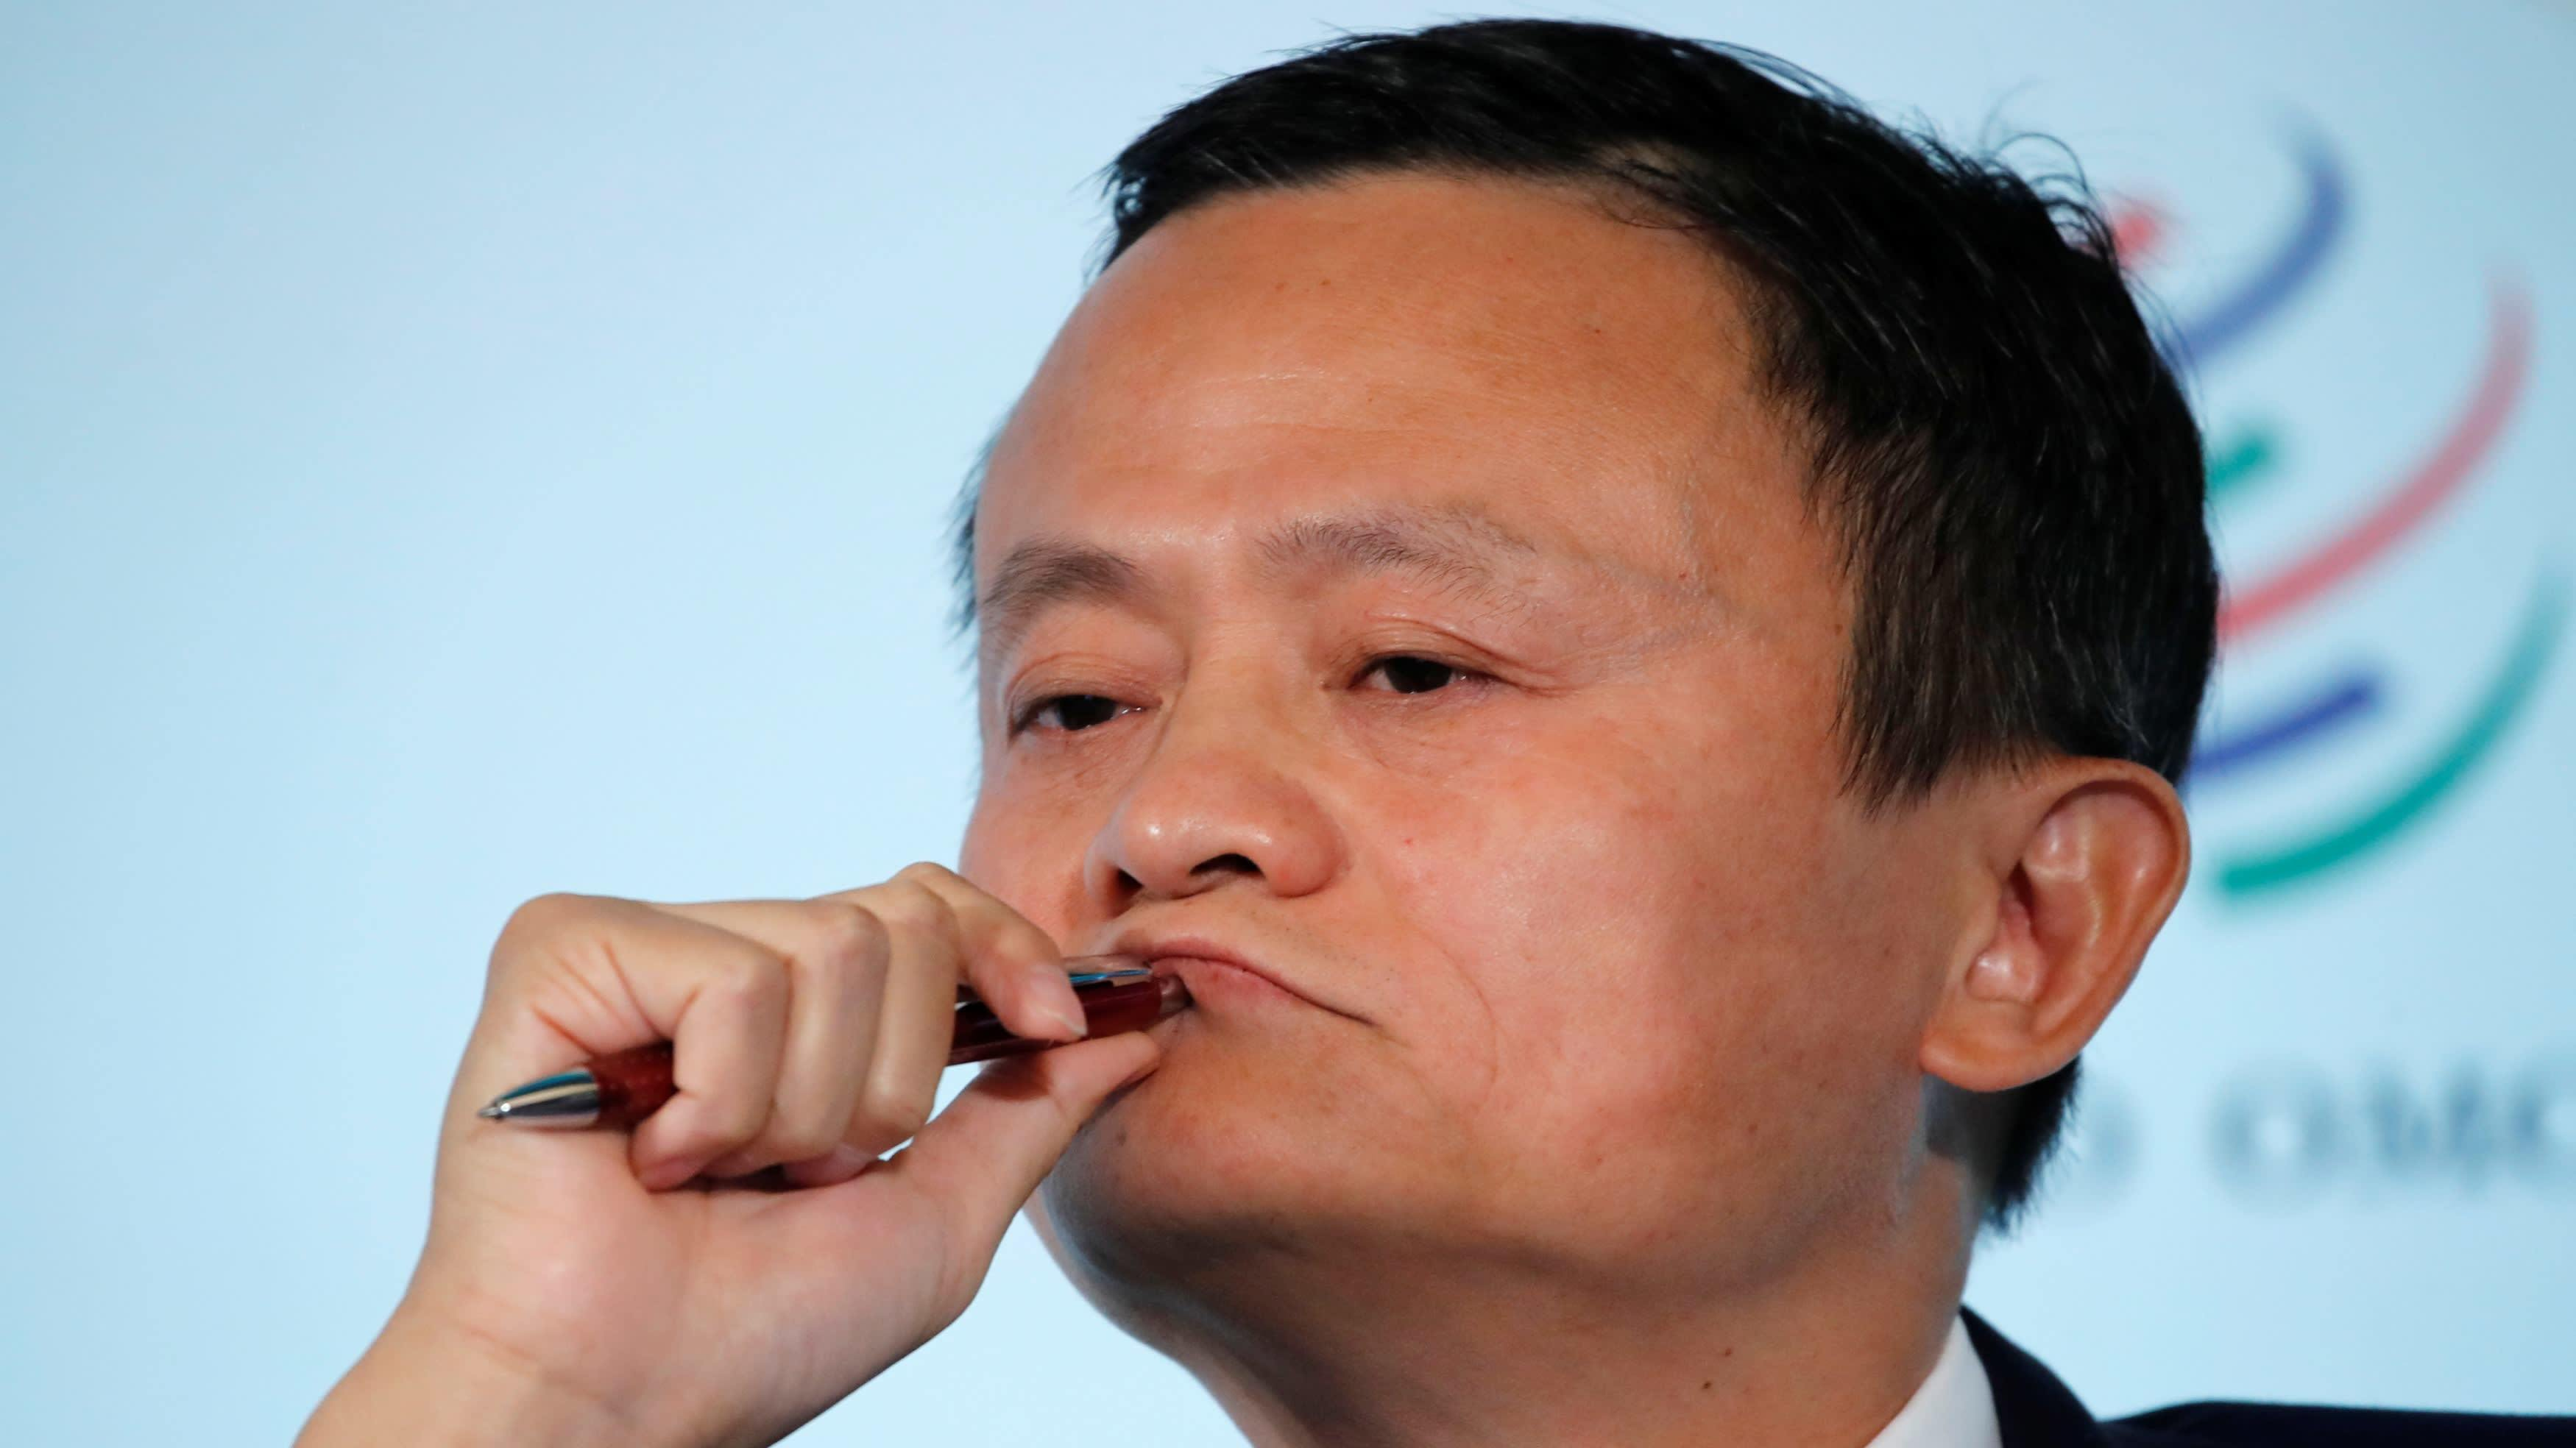 Trung Quốc điều tra Alibaba: Bài học cho Jack Ma và những 'trai hư' công nghệ